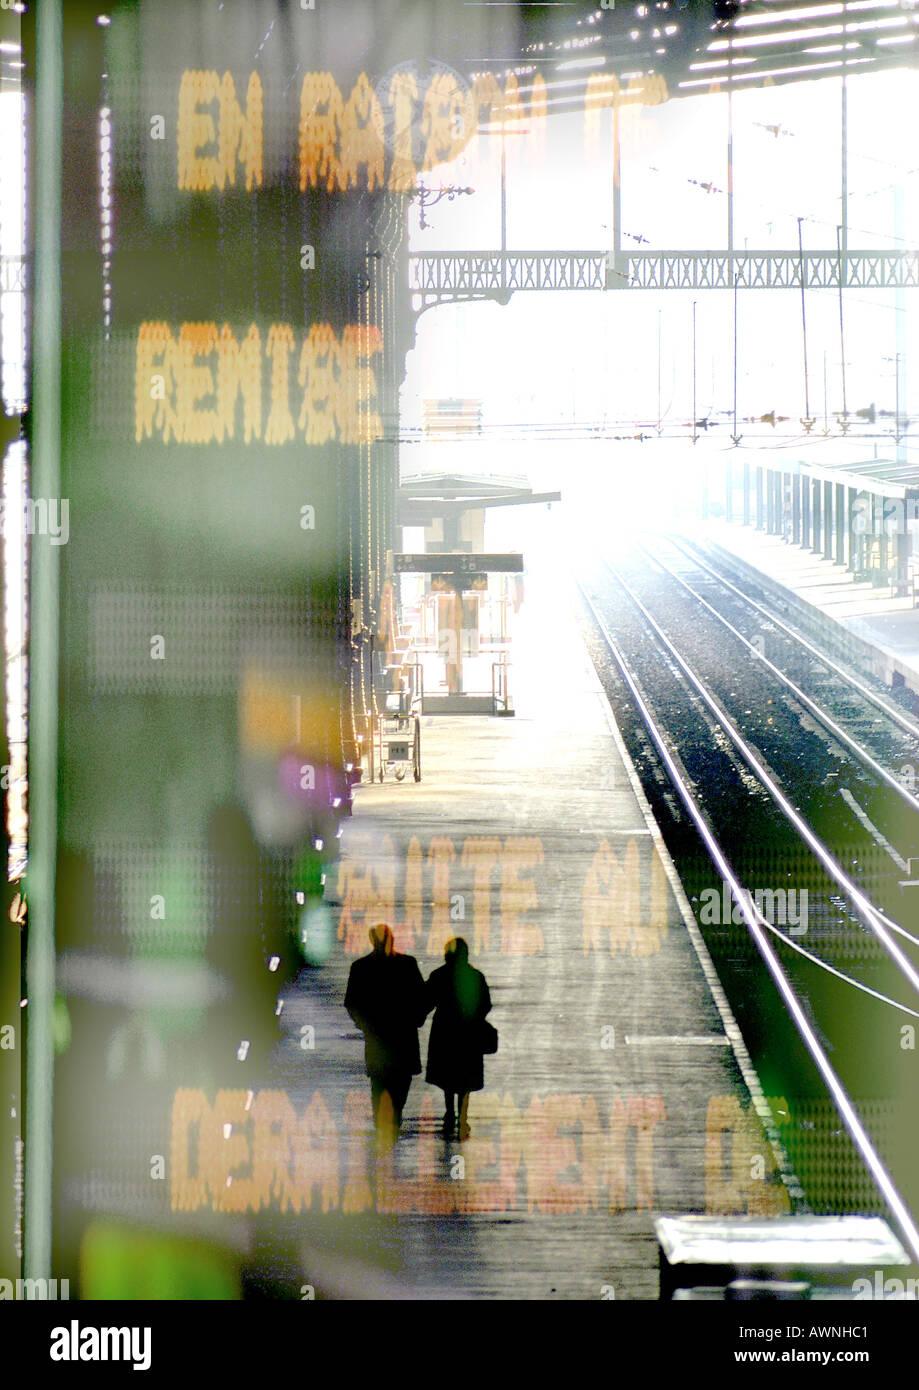 Couple en train de marcher sur la plate-forme du train, de l'information signe superposé Banque D'Images